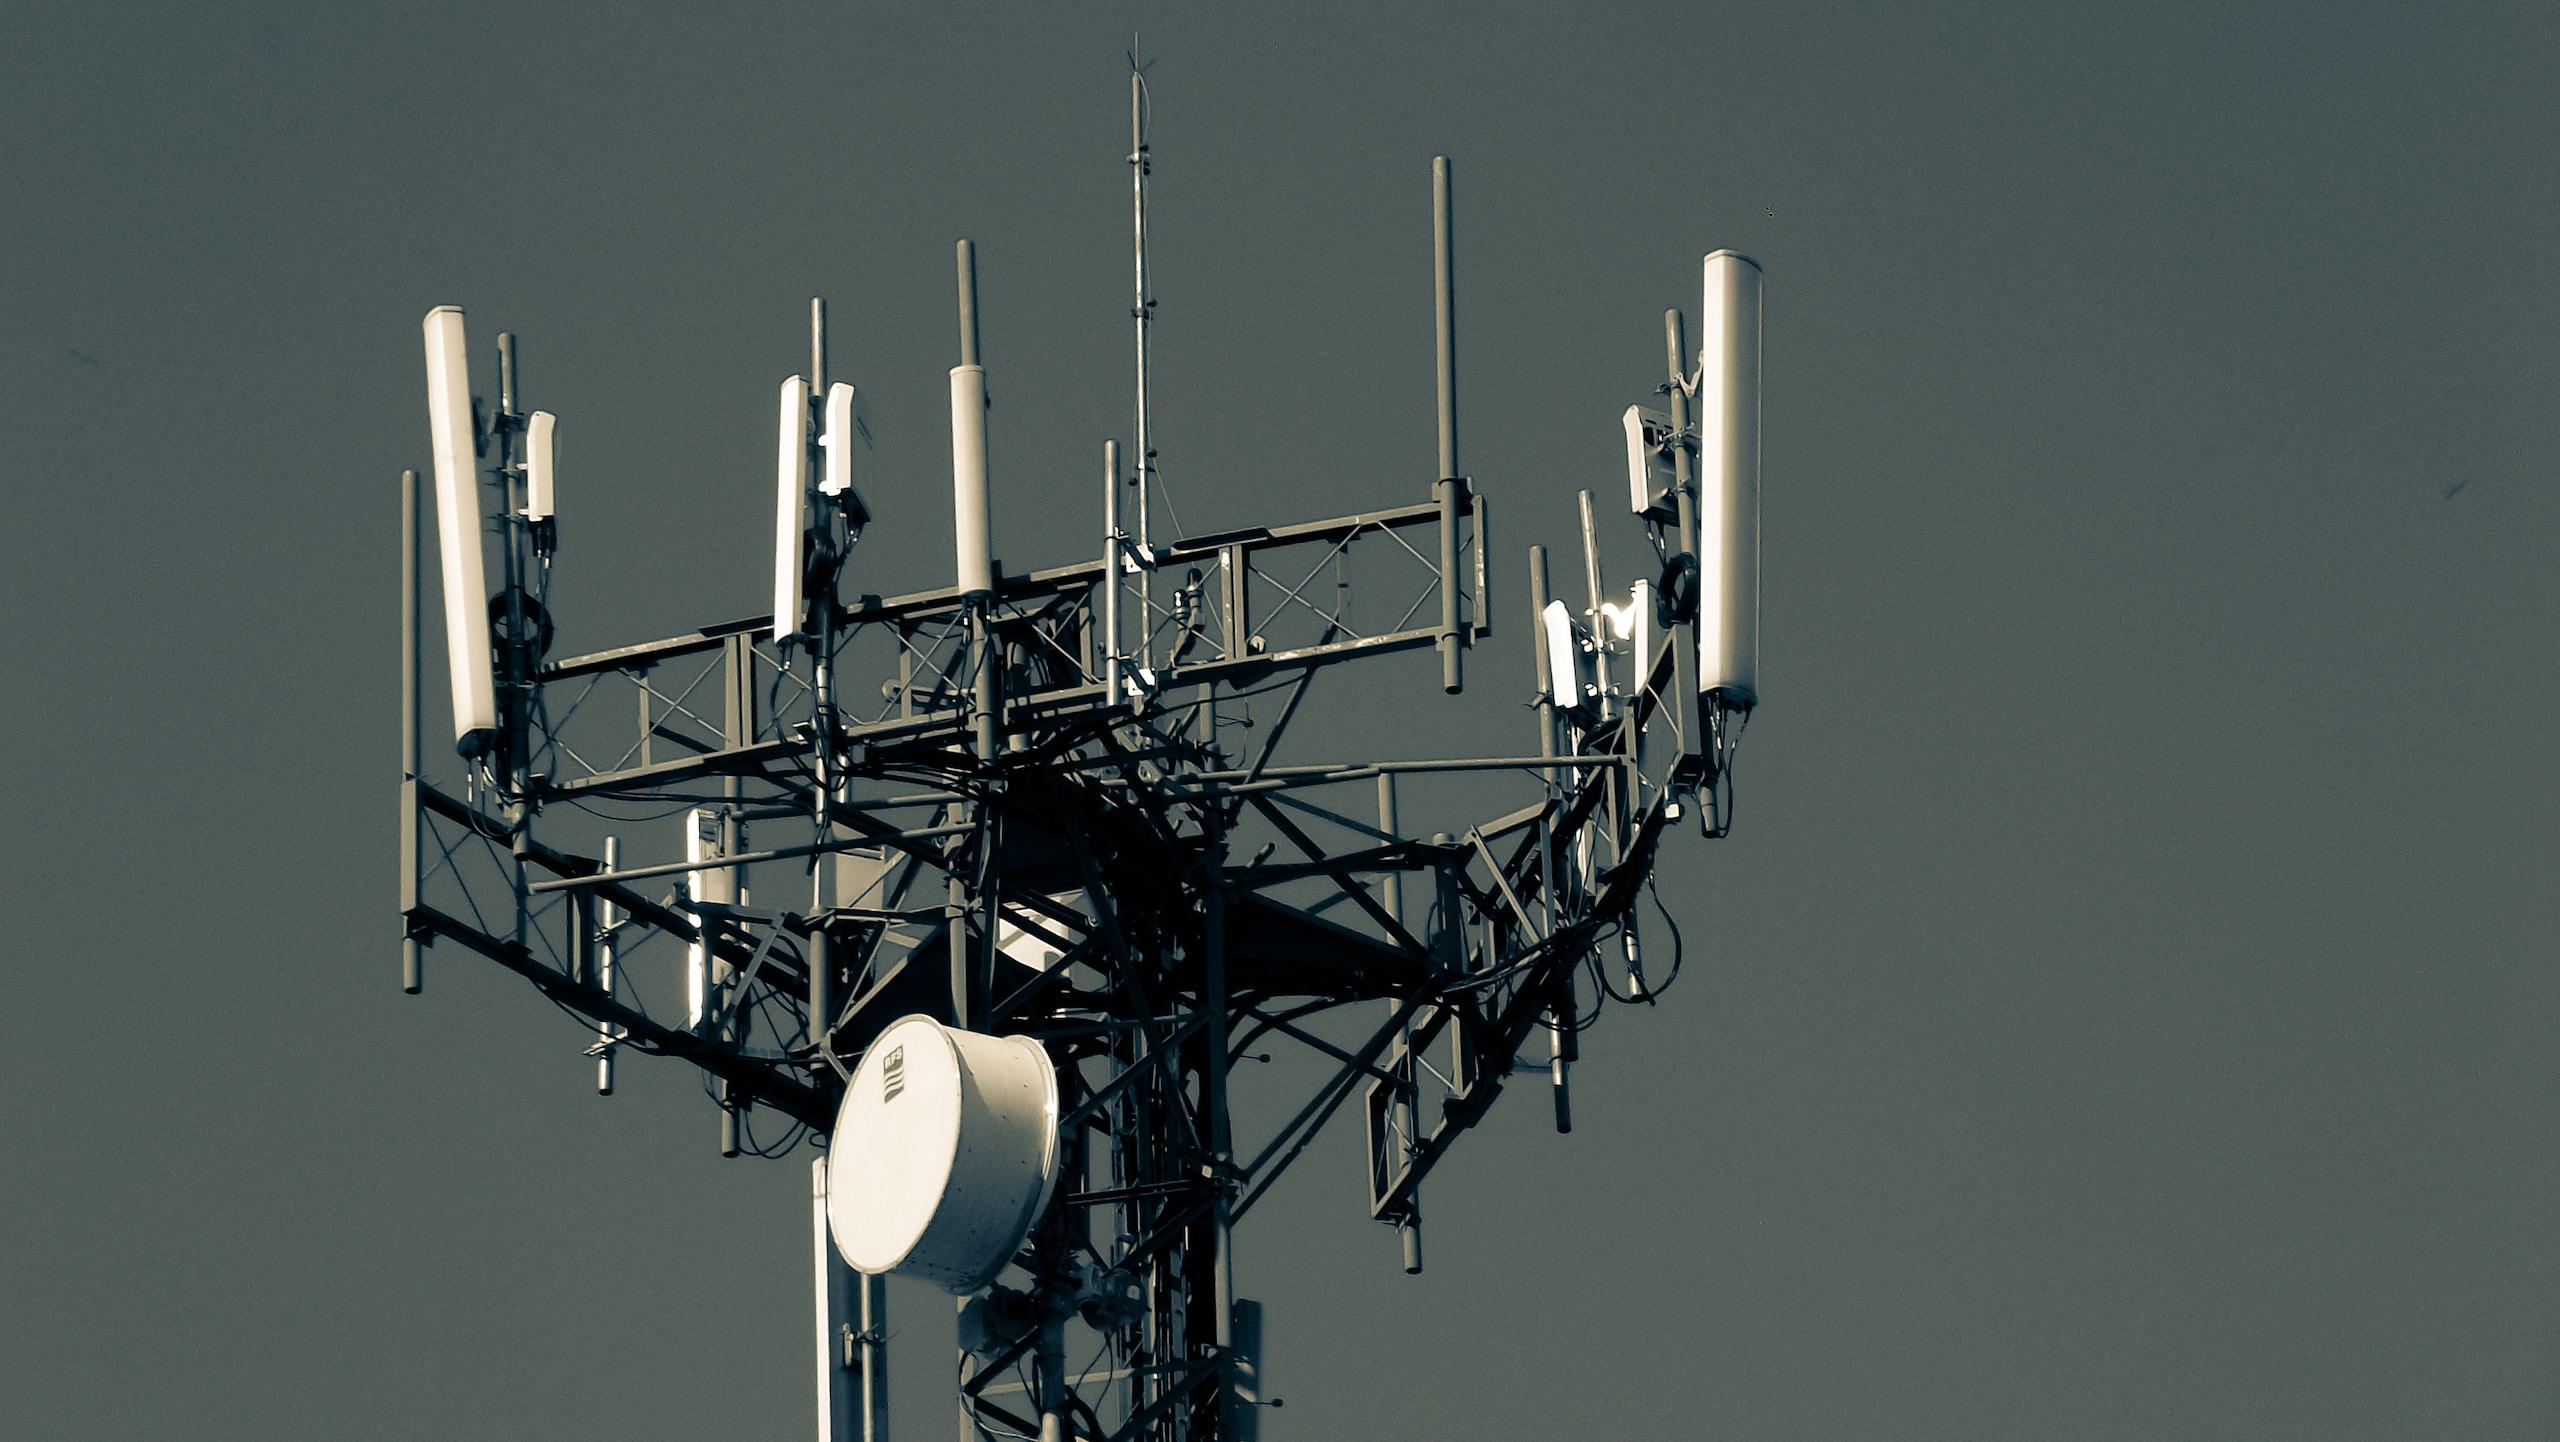 Dell Technologies 推雲原生網絡基建,助電訊服務供應商部署 5G 網絡